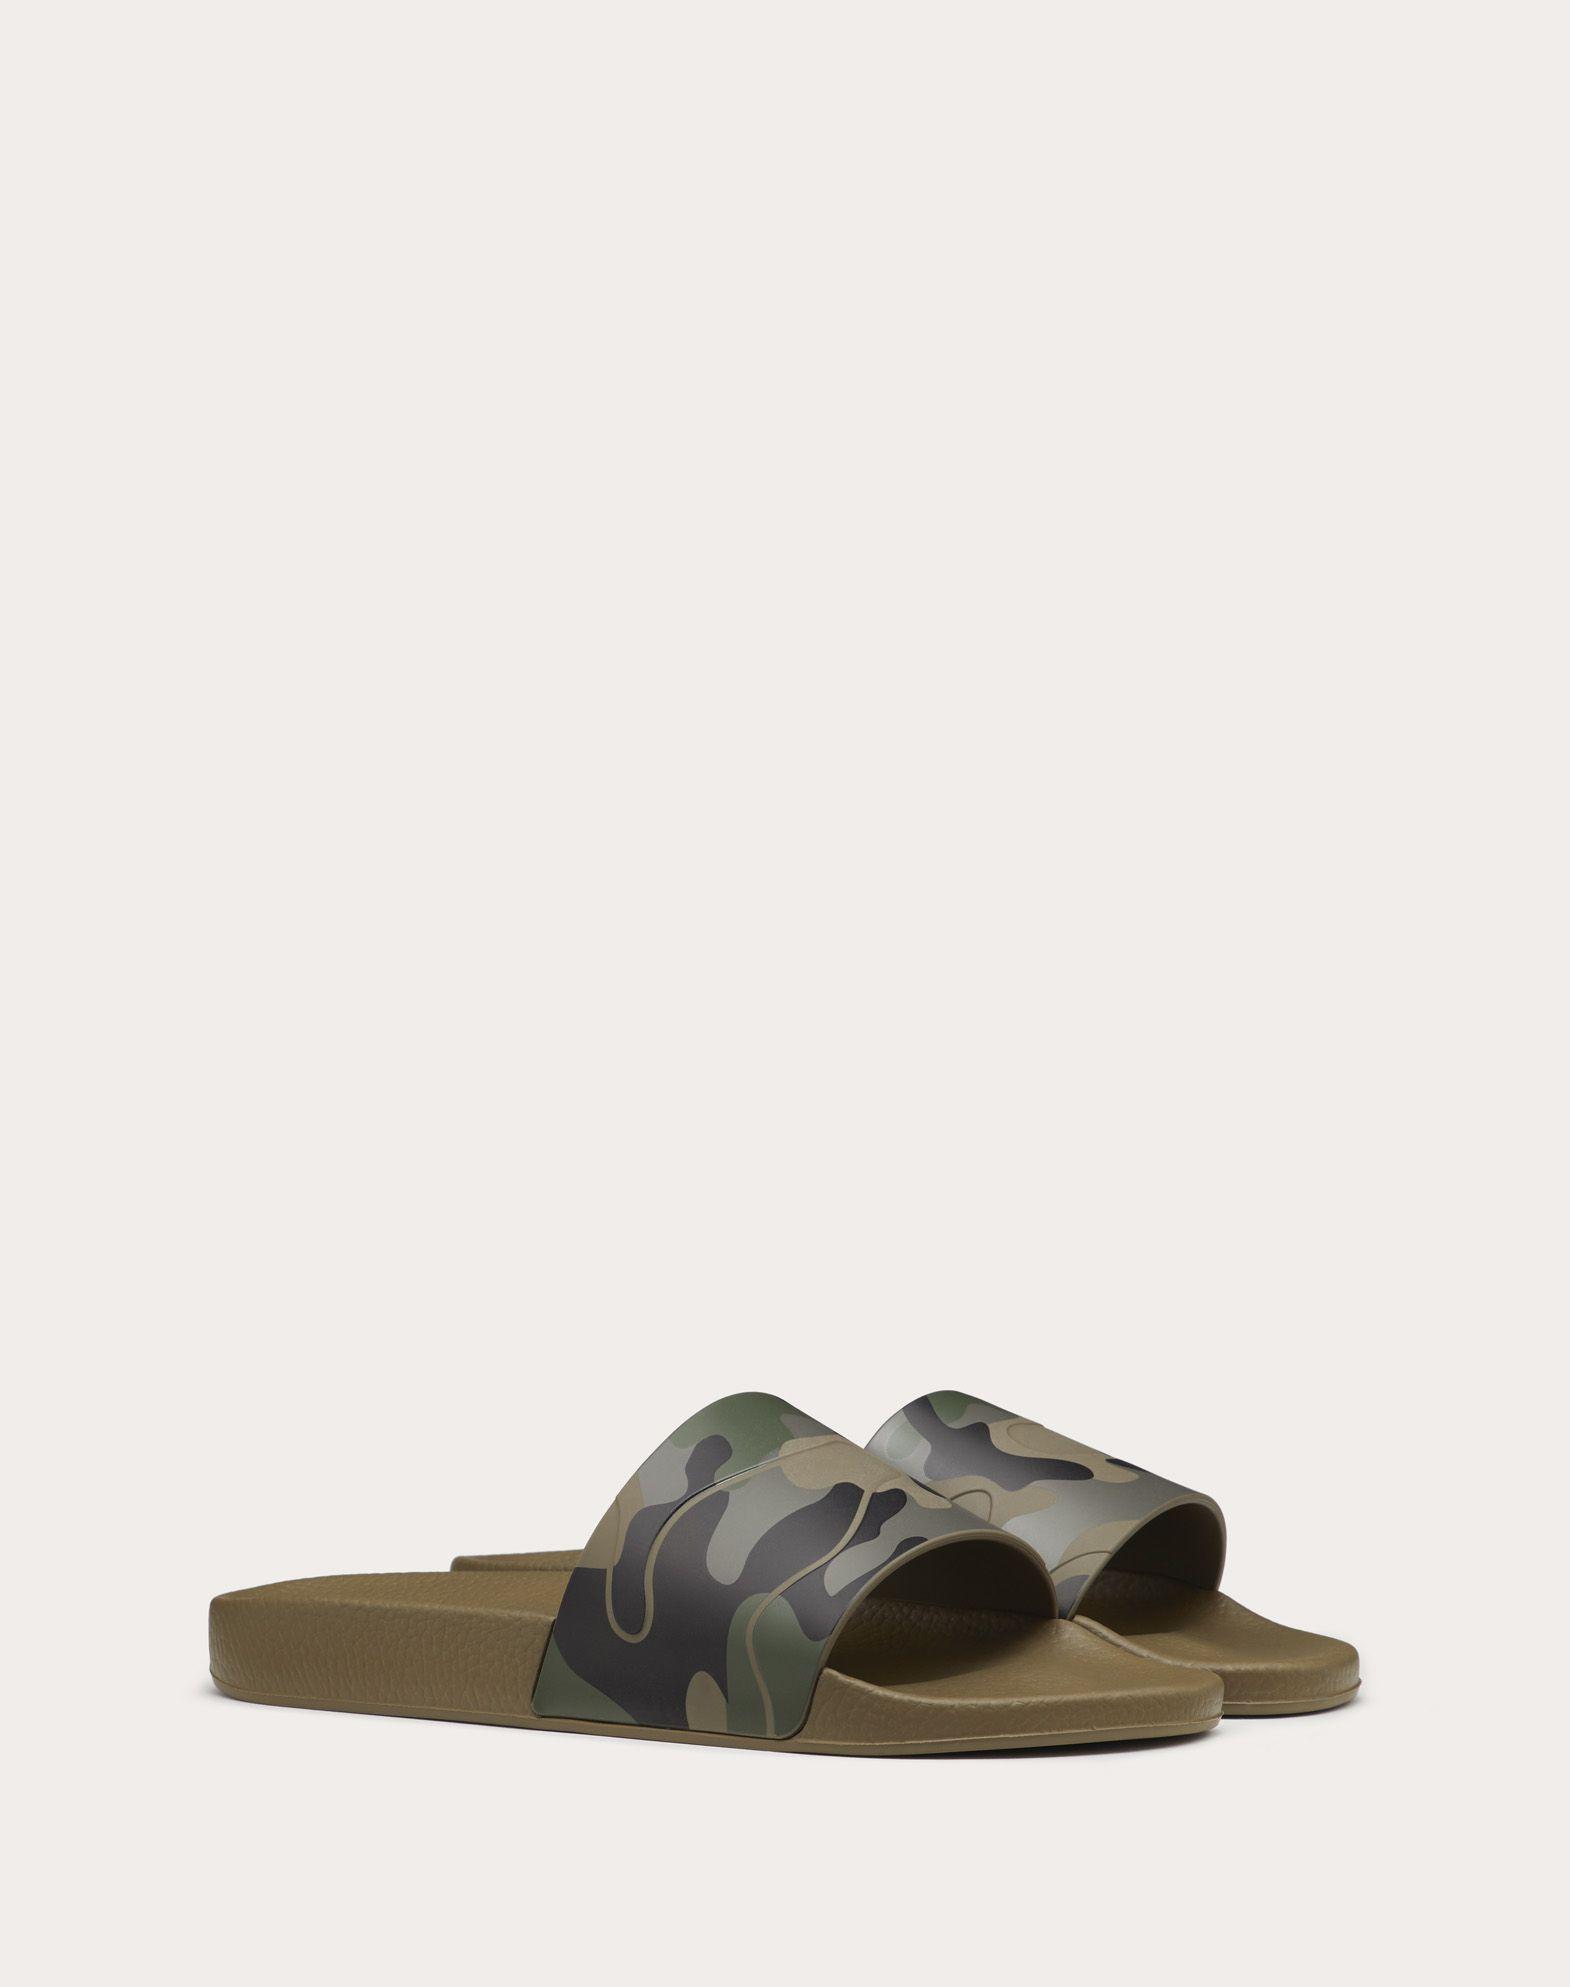 Sandali militari verdi per uomo Valentino 7gx9DlCl